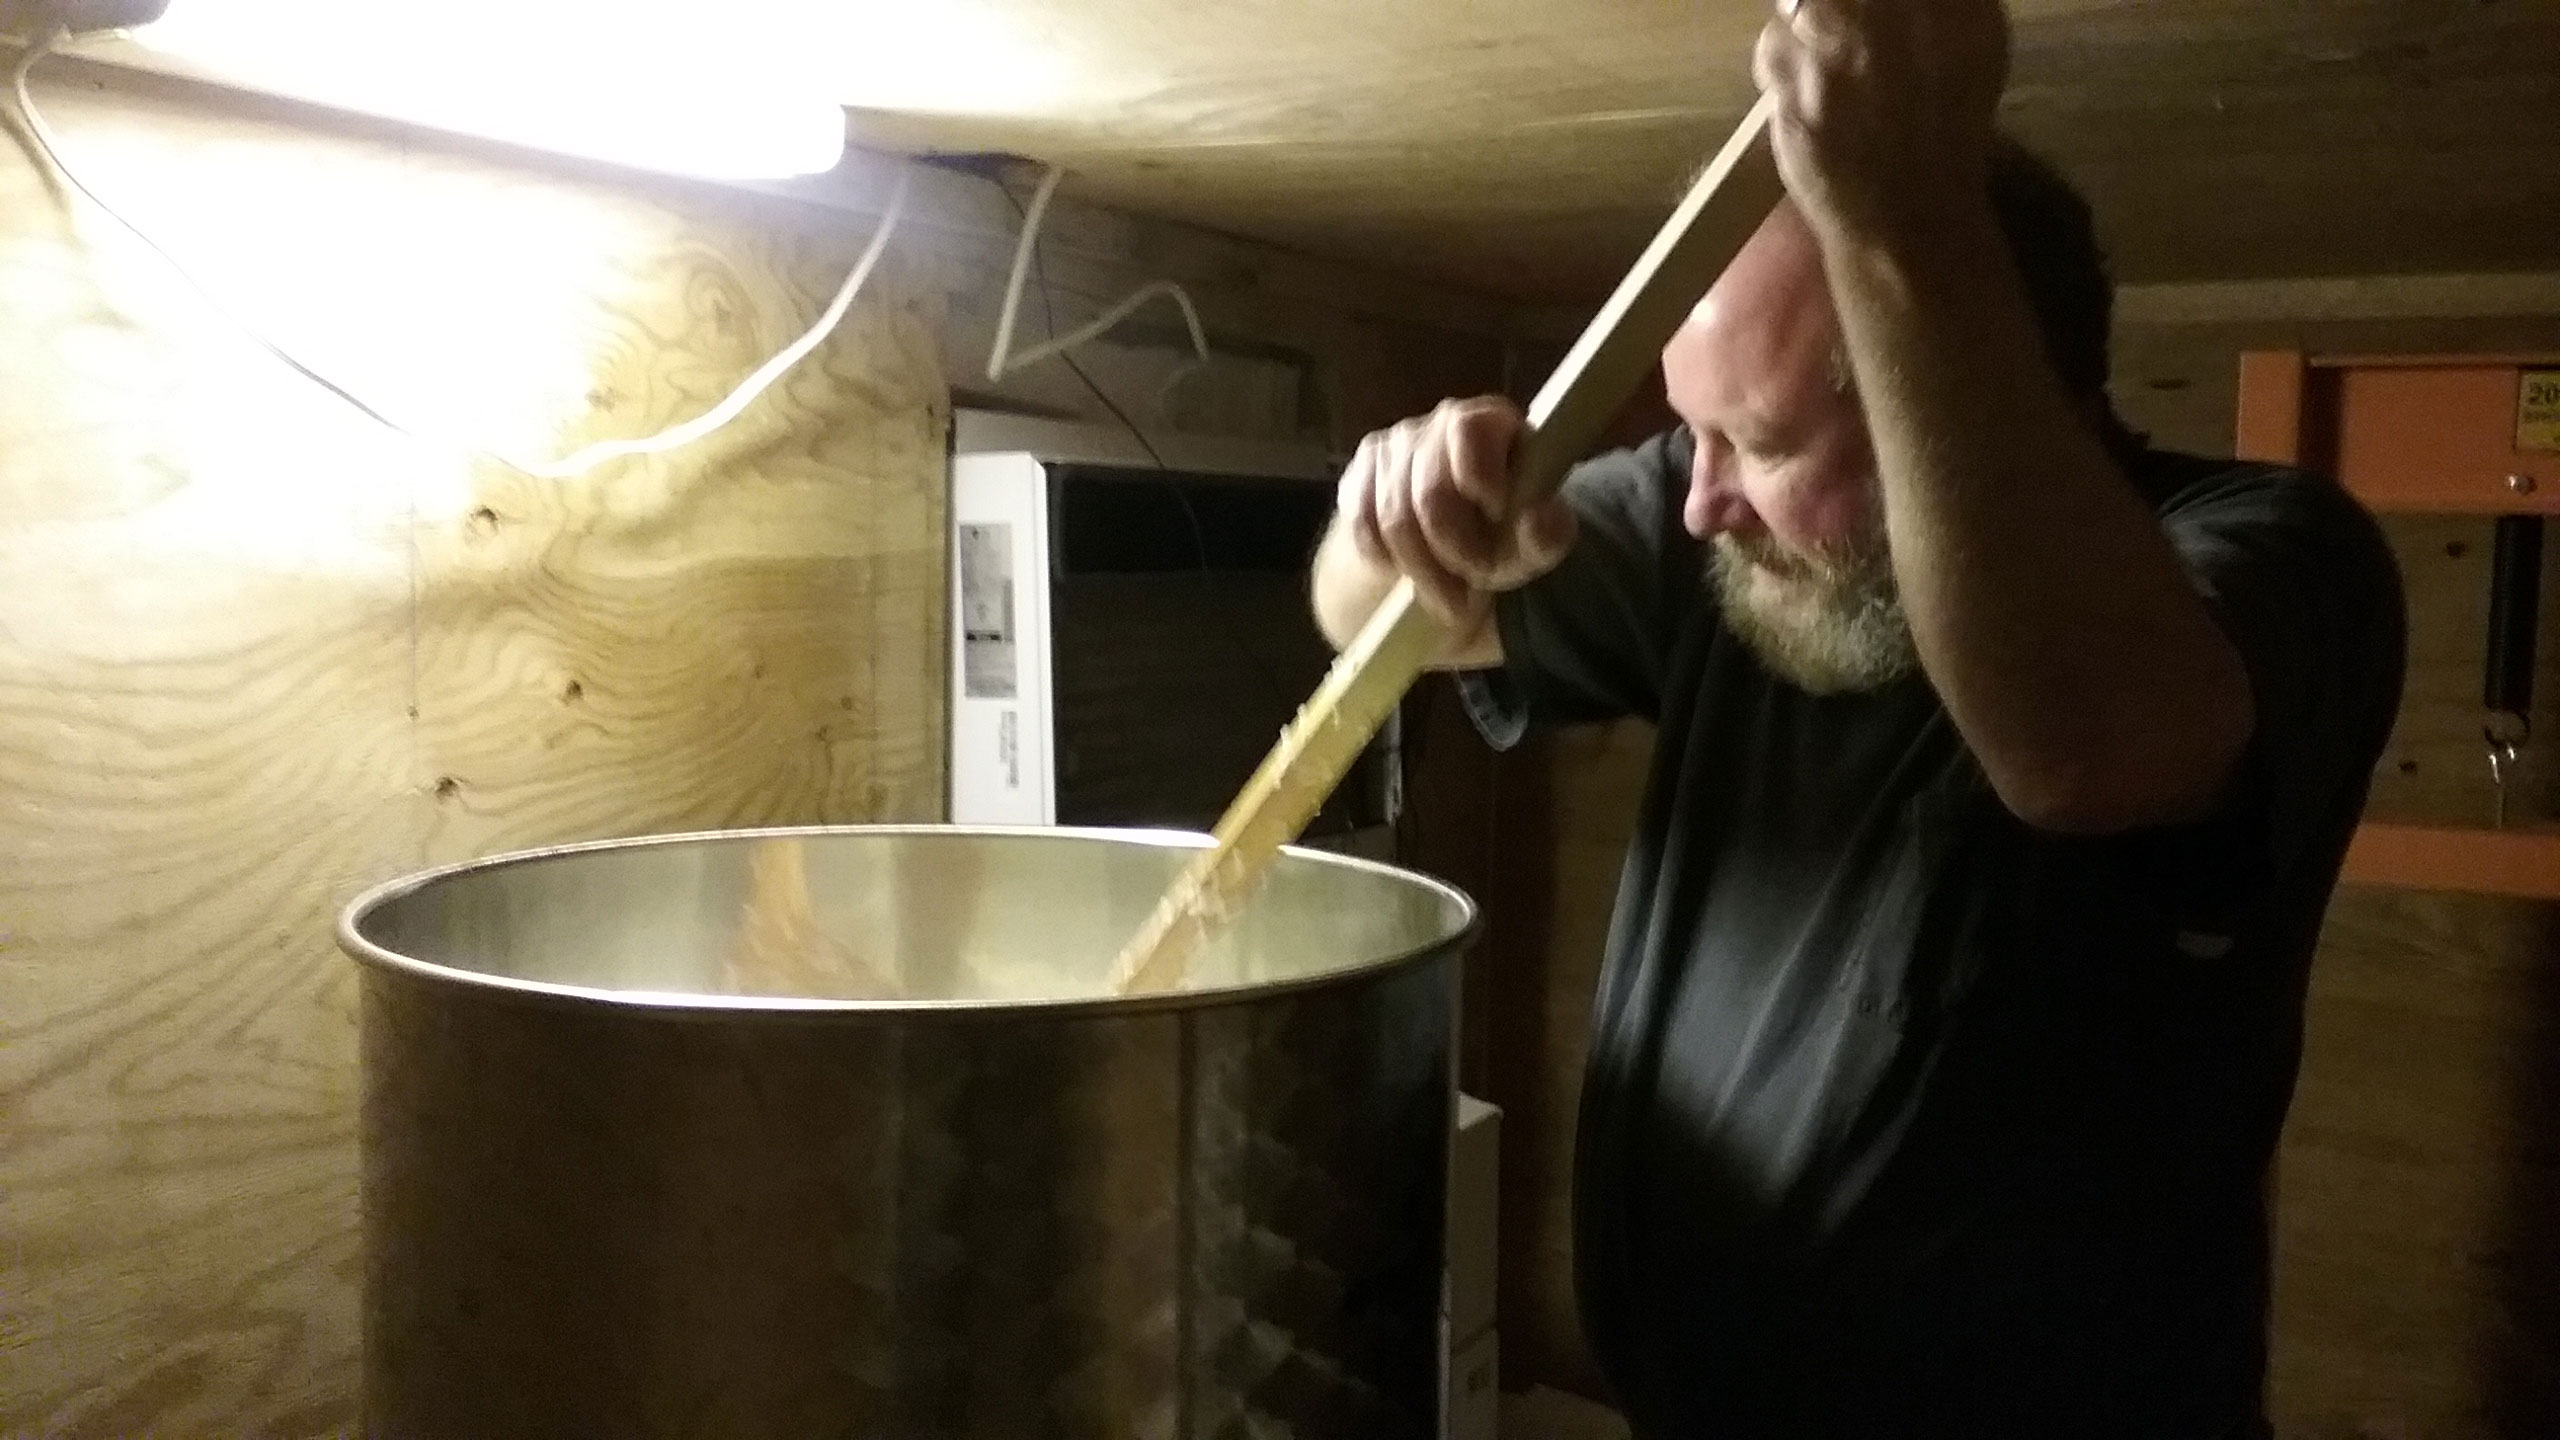 Man brewing sake, stirring large pot